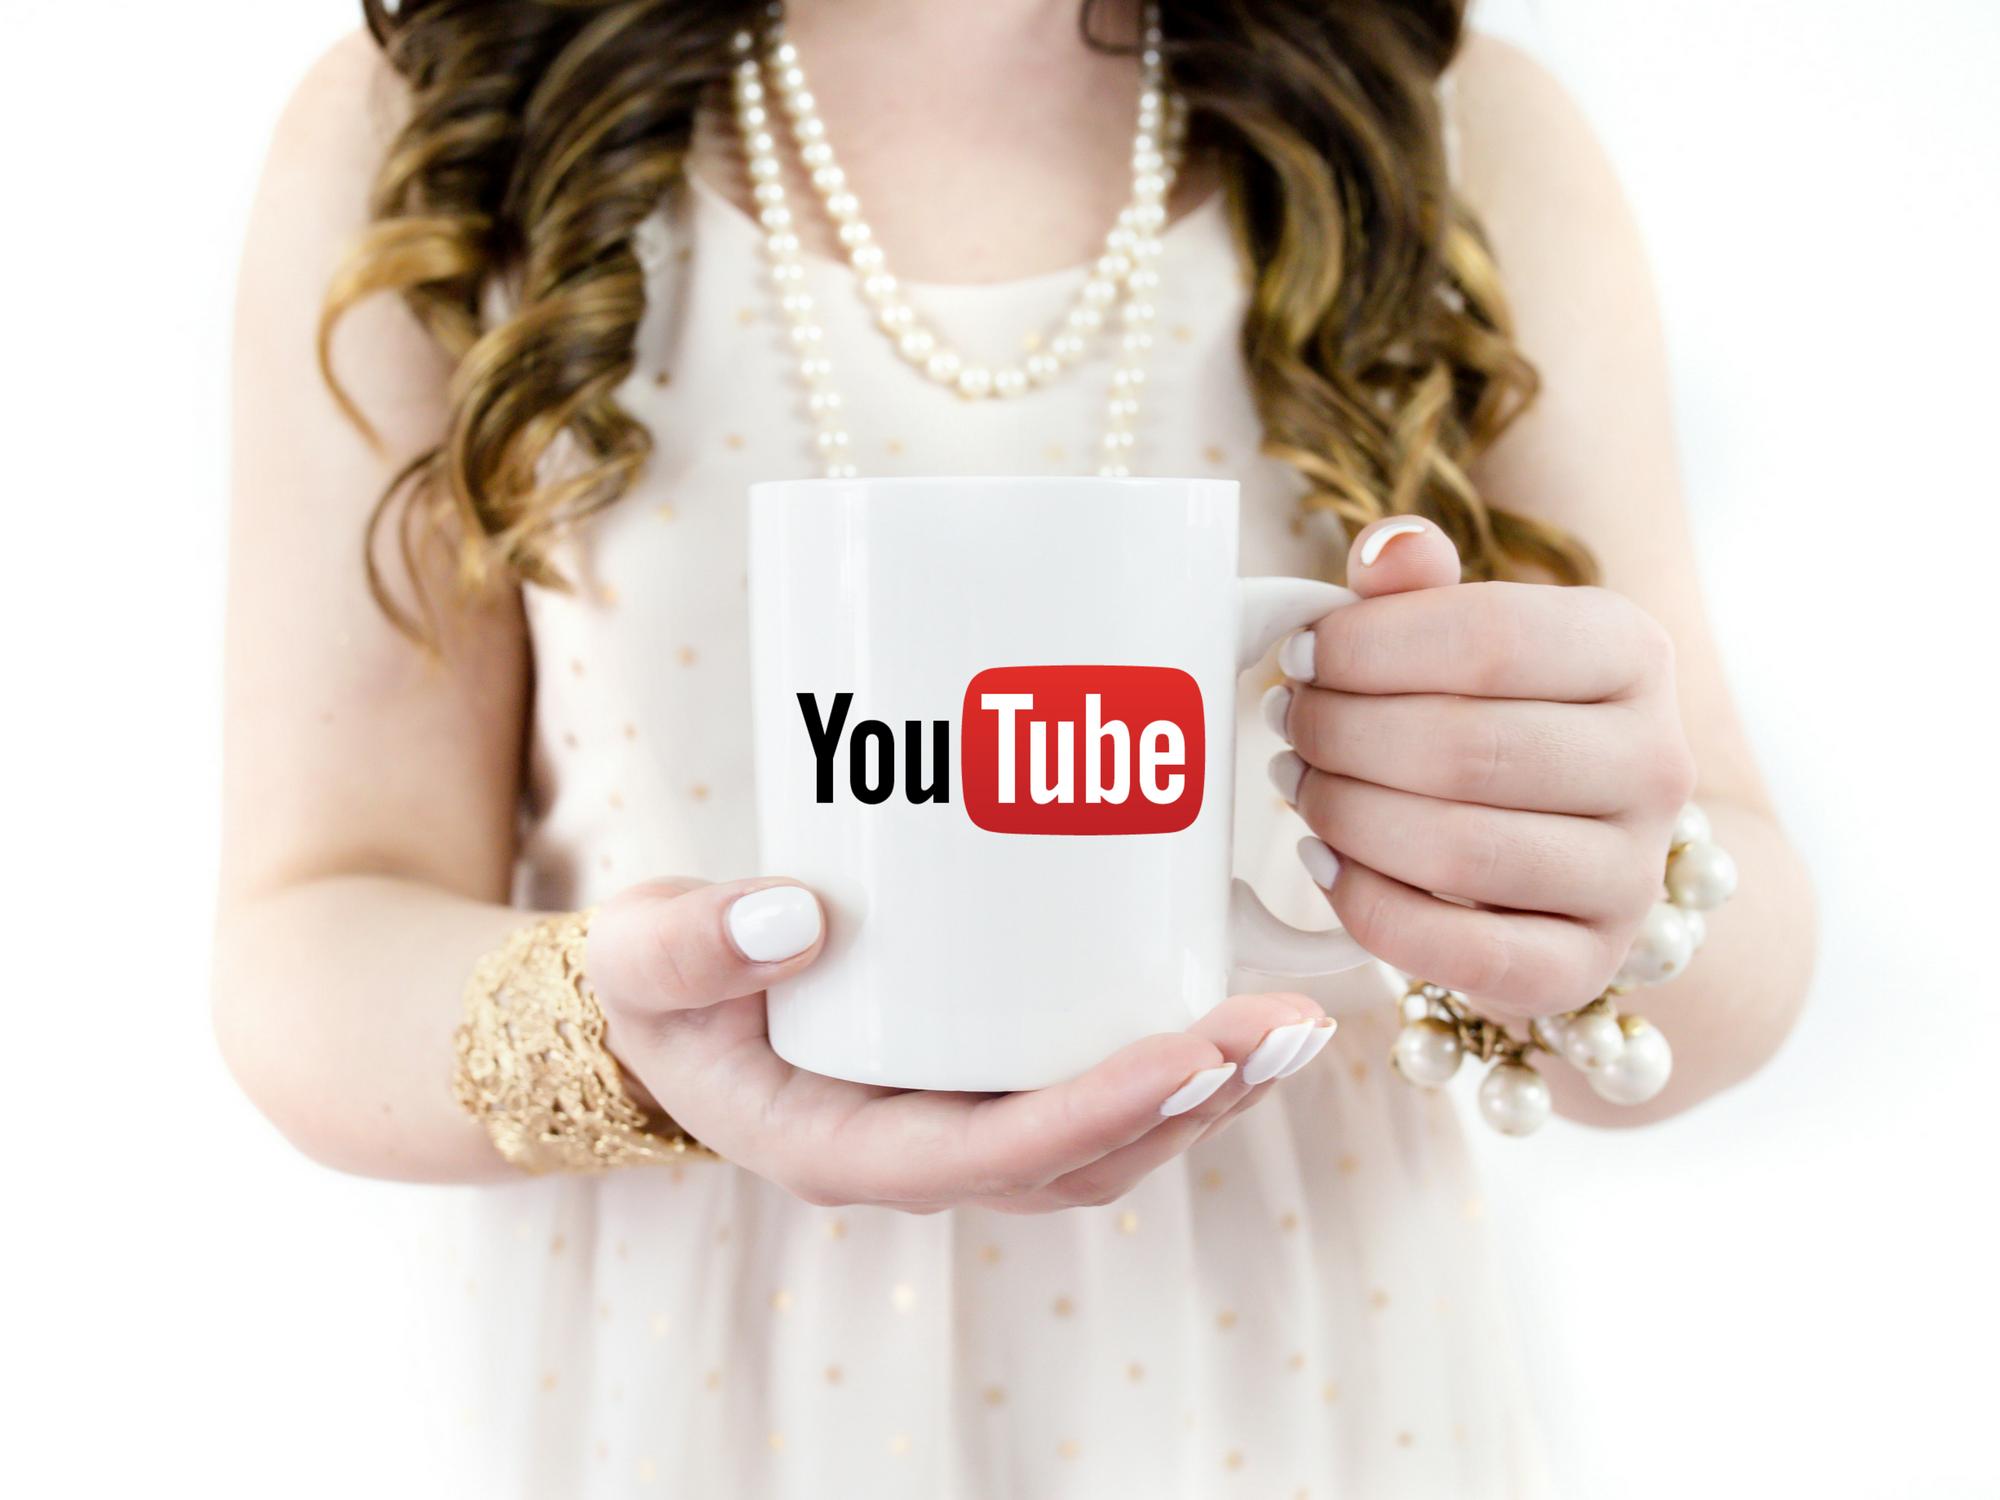 Statistiques Youtube que vous ne pouvez pas ignorer